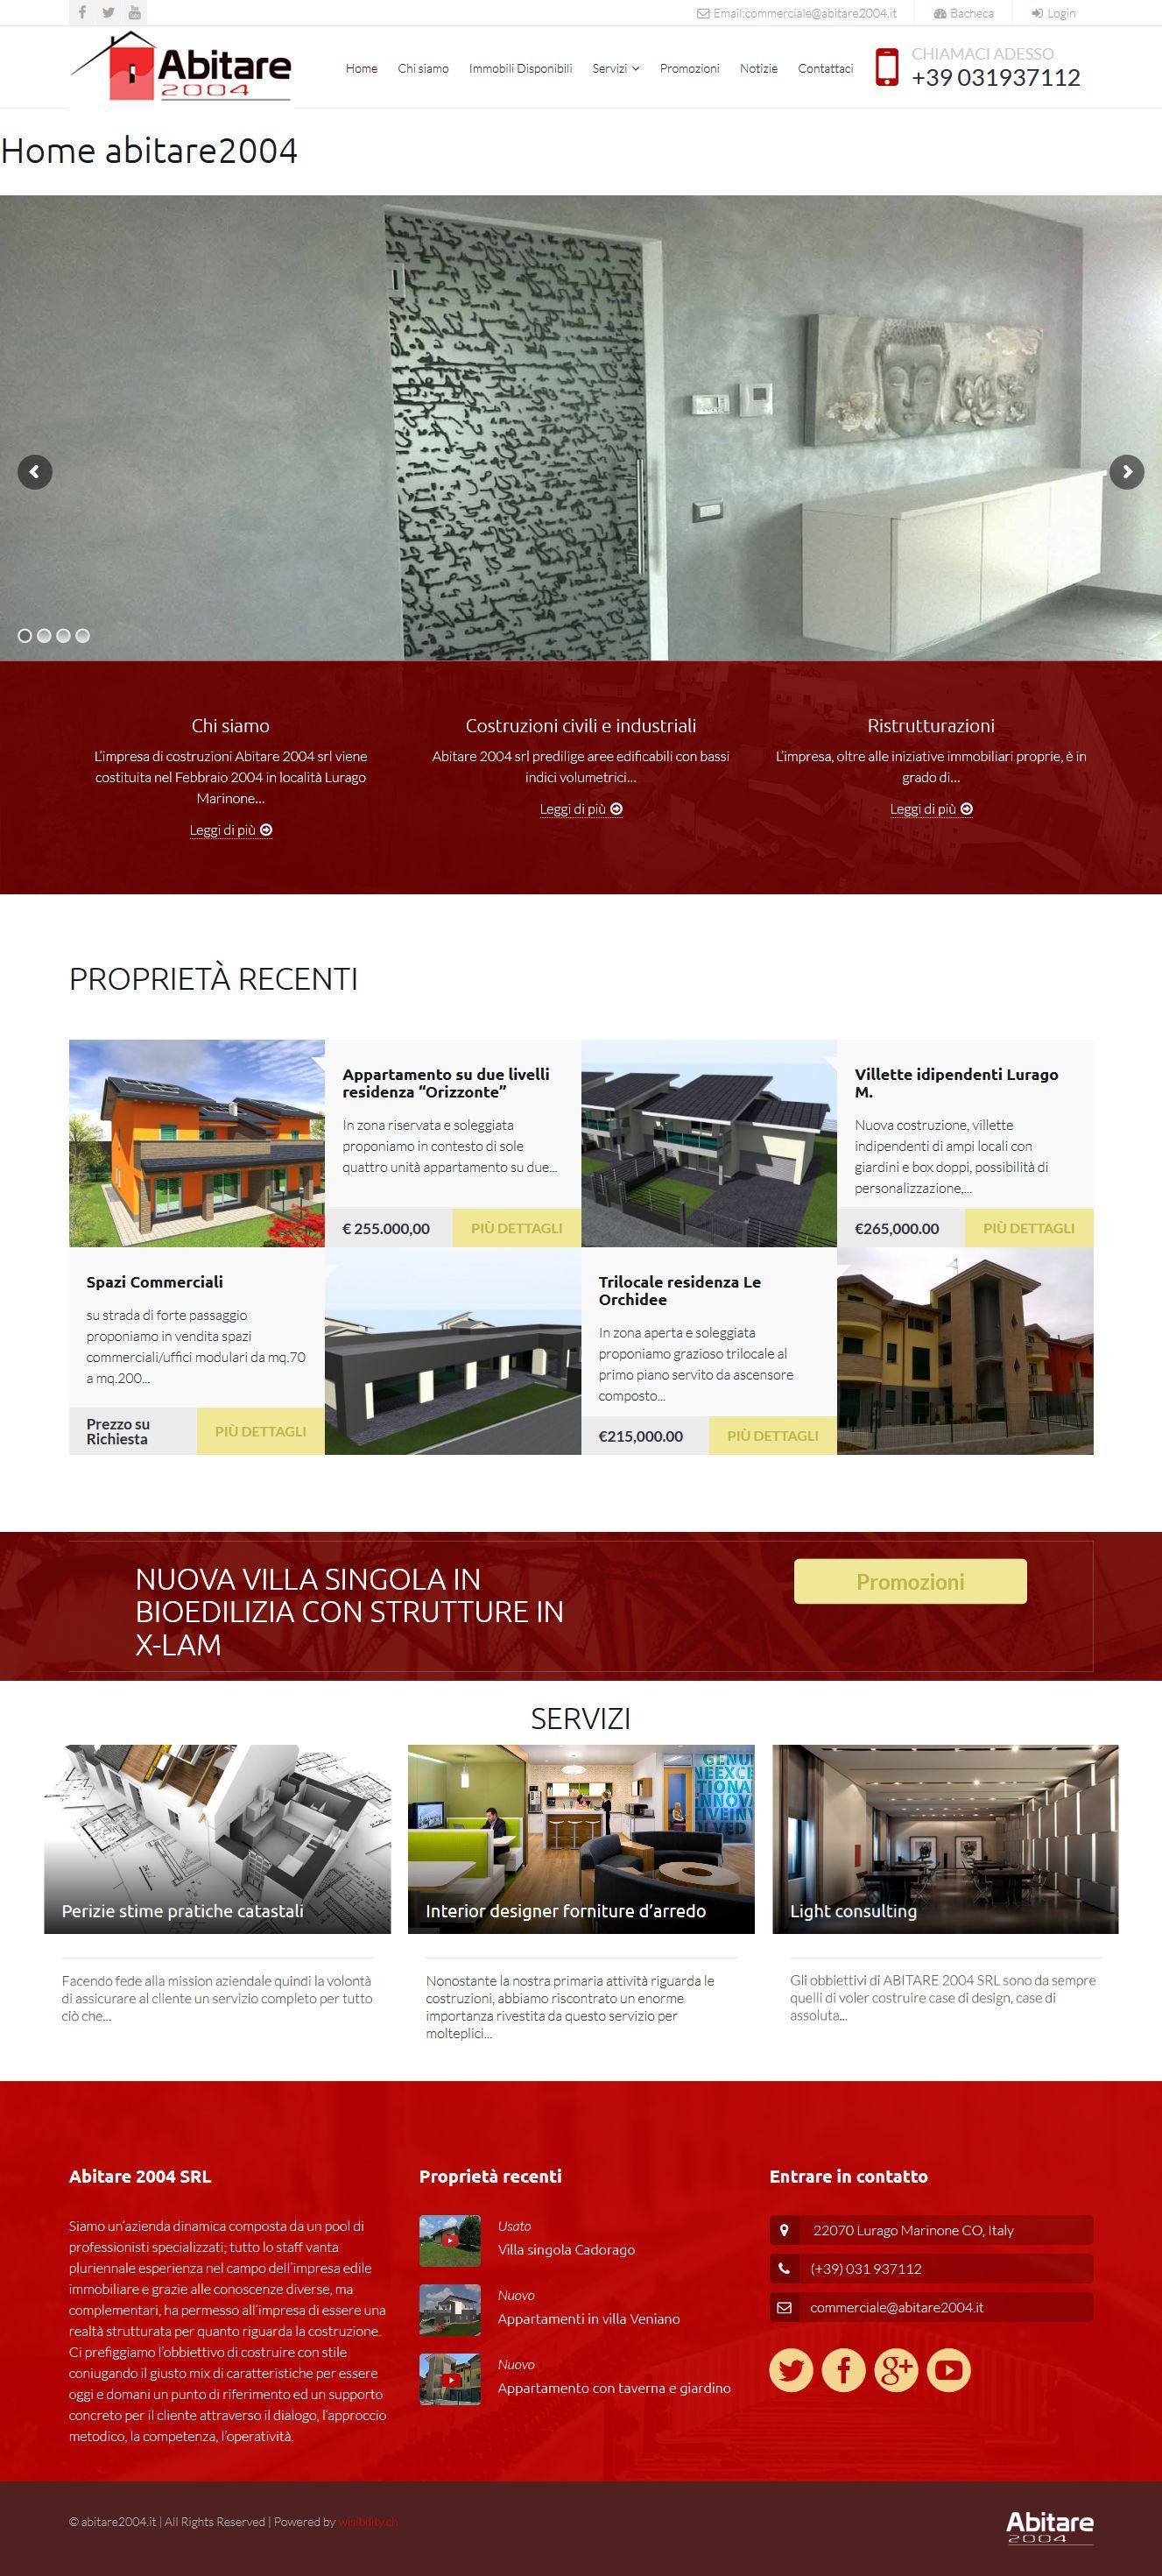 abitare2004 web design